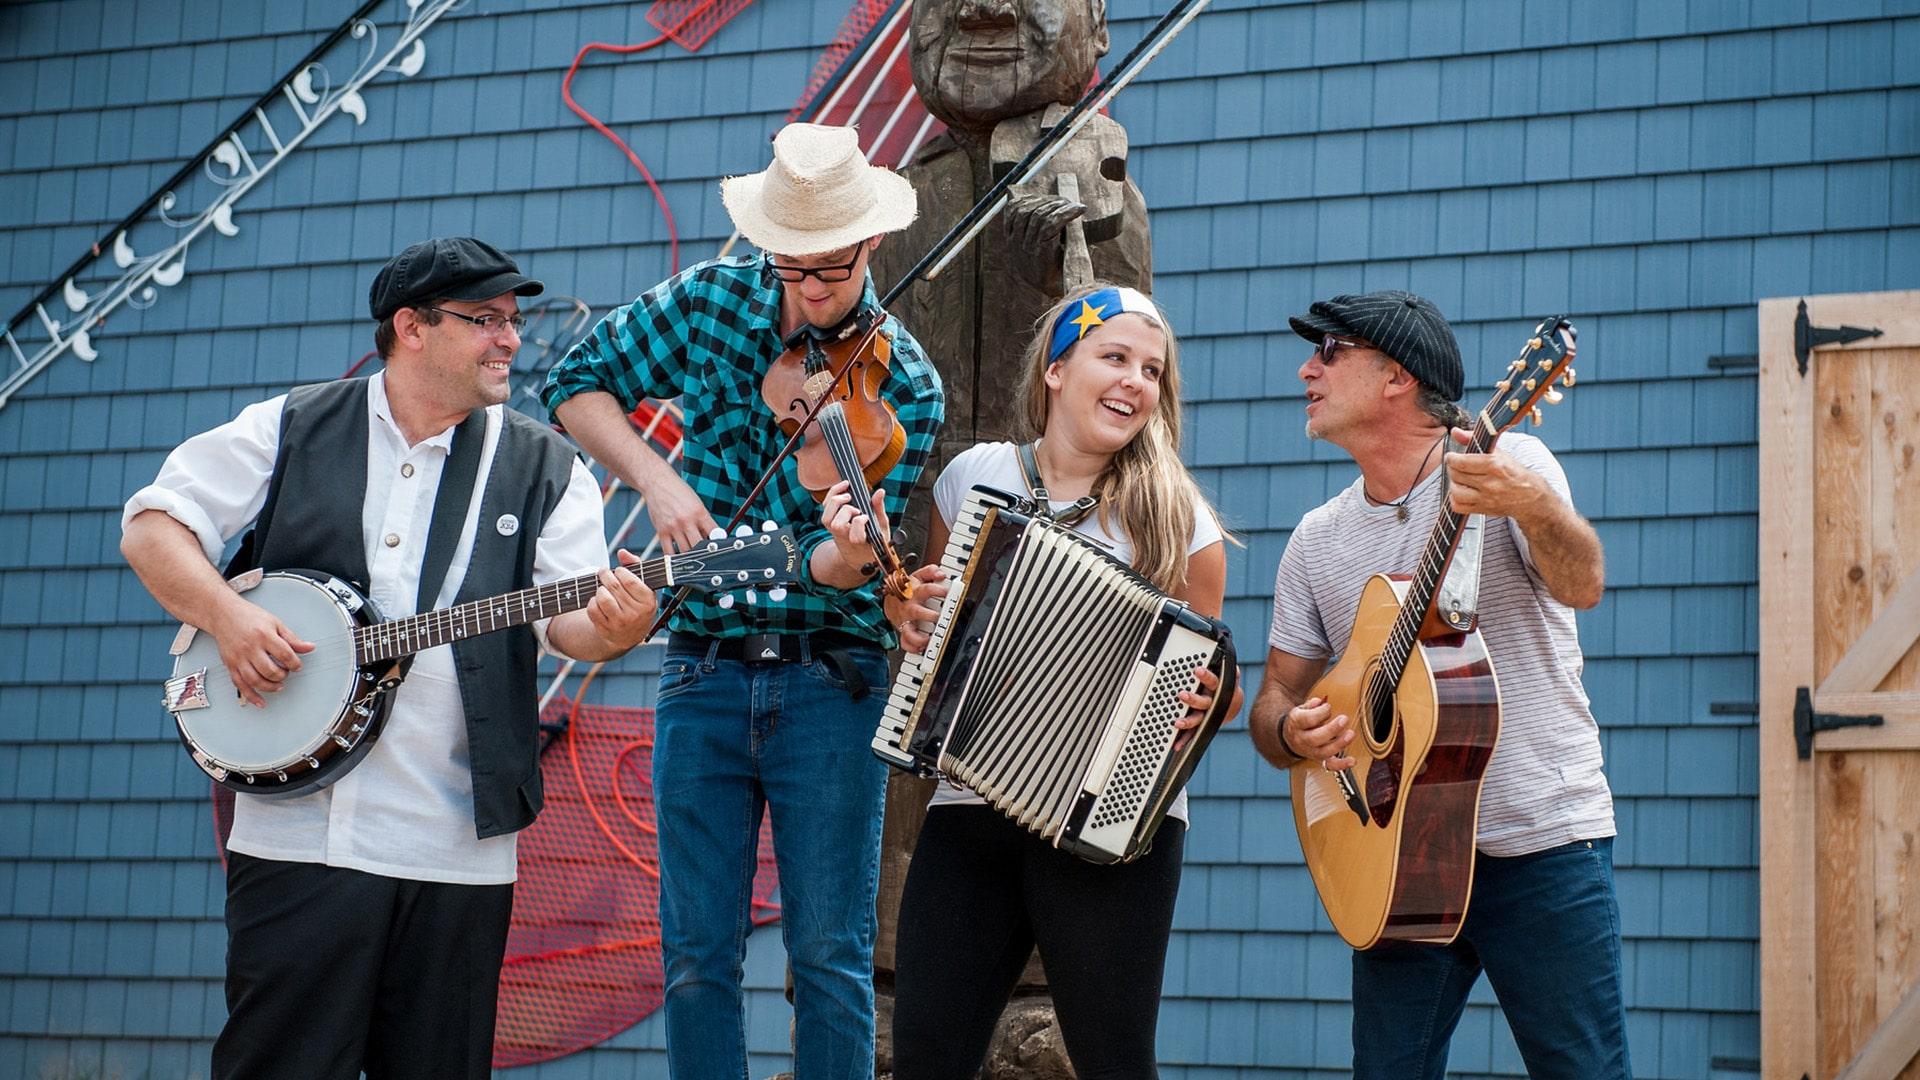 North Cape Coastal Drive, Village Acadien Musicians